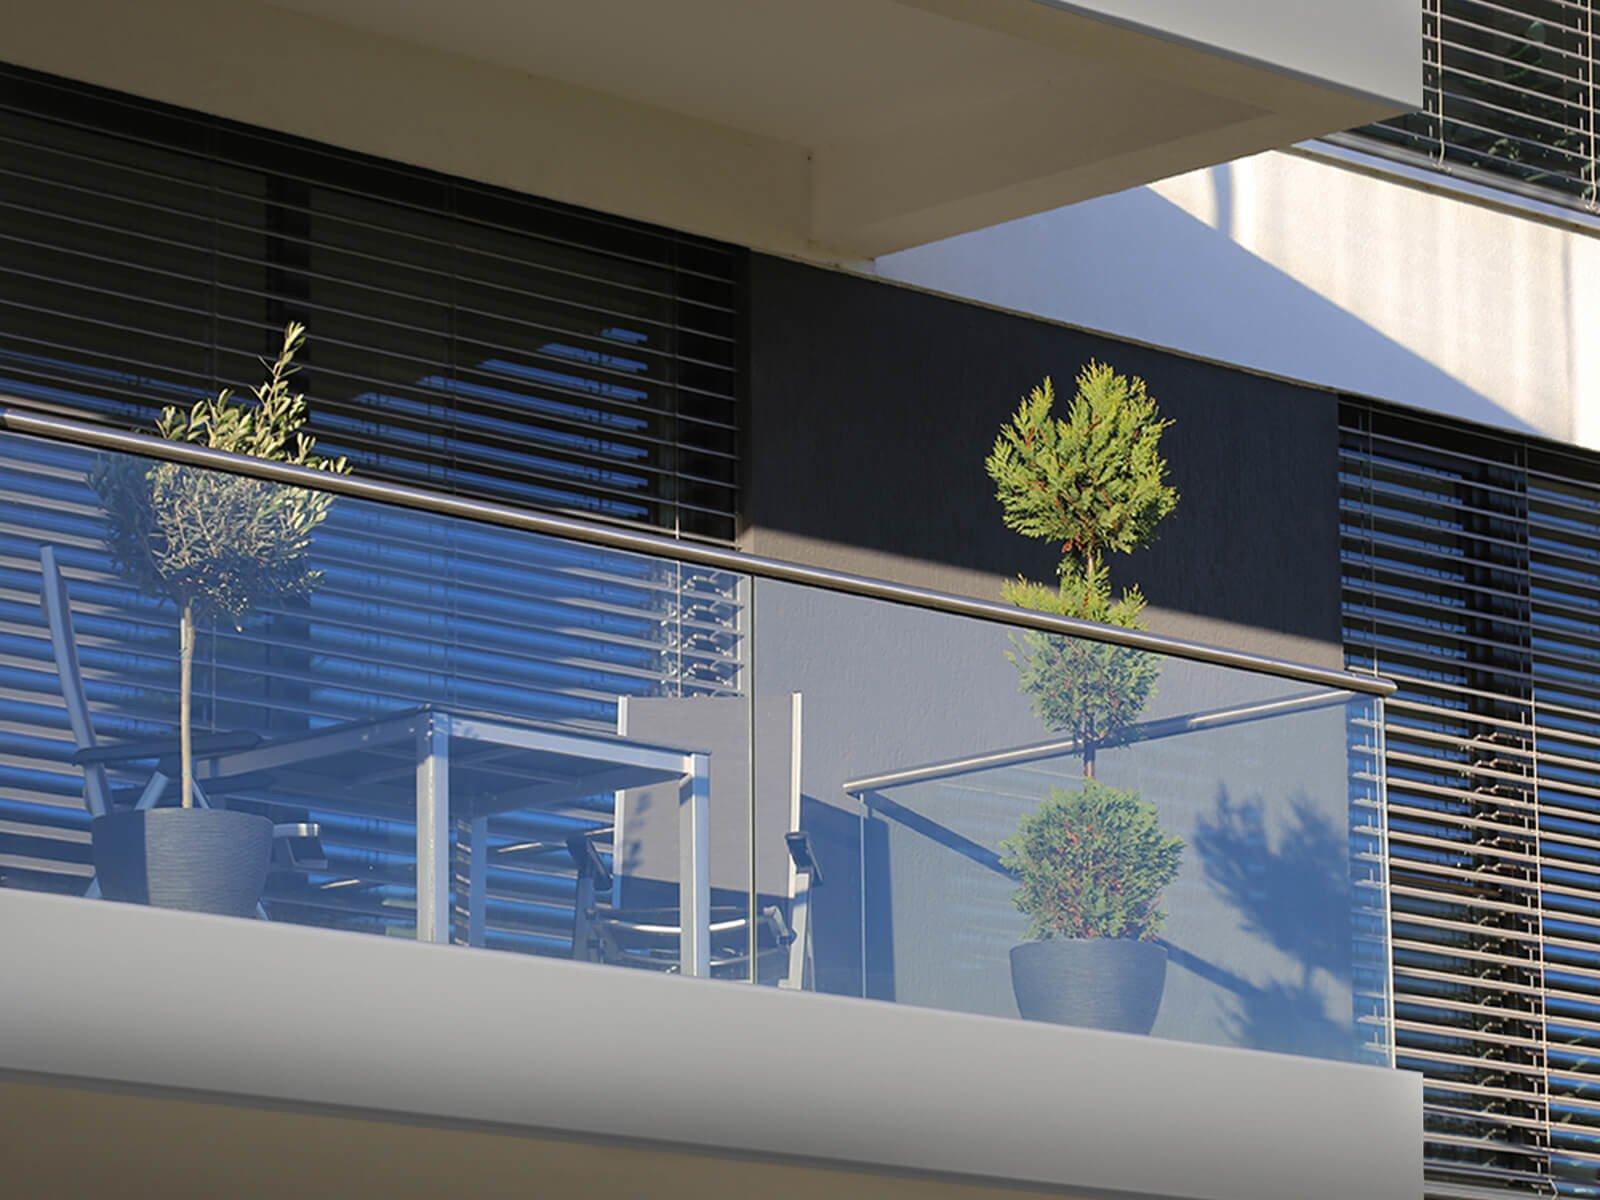 glasrailing-baldosa-hochwertige-verkleidung-der-balkonkante-individuelle-gestaltungsmoeglichkeiten